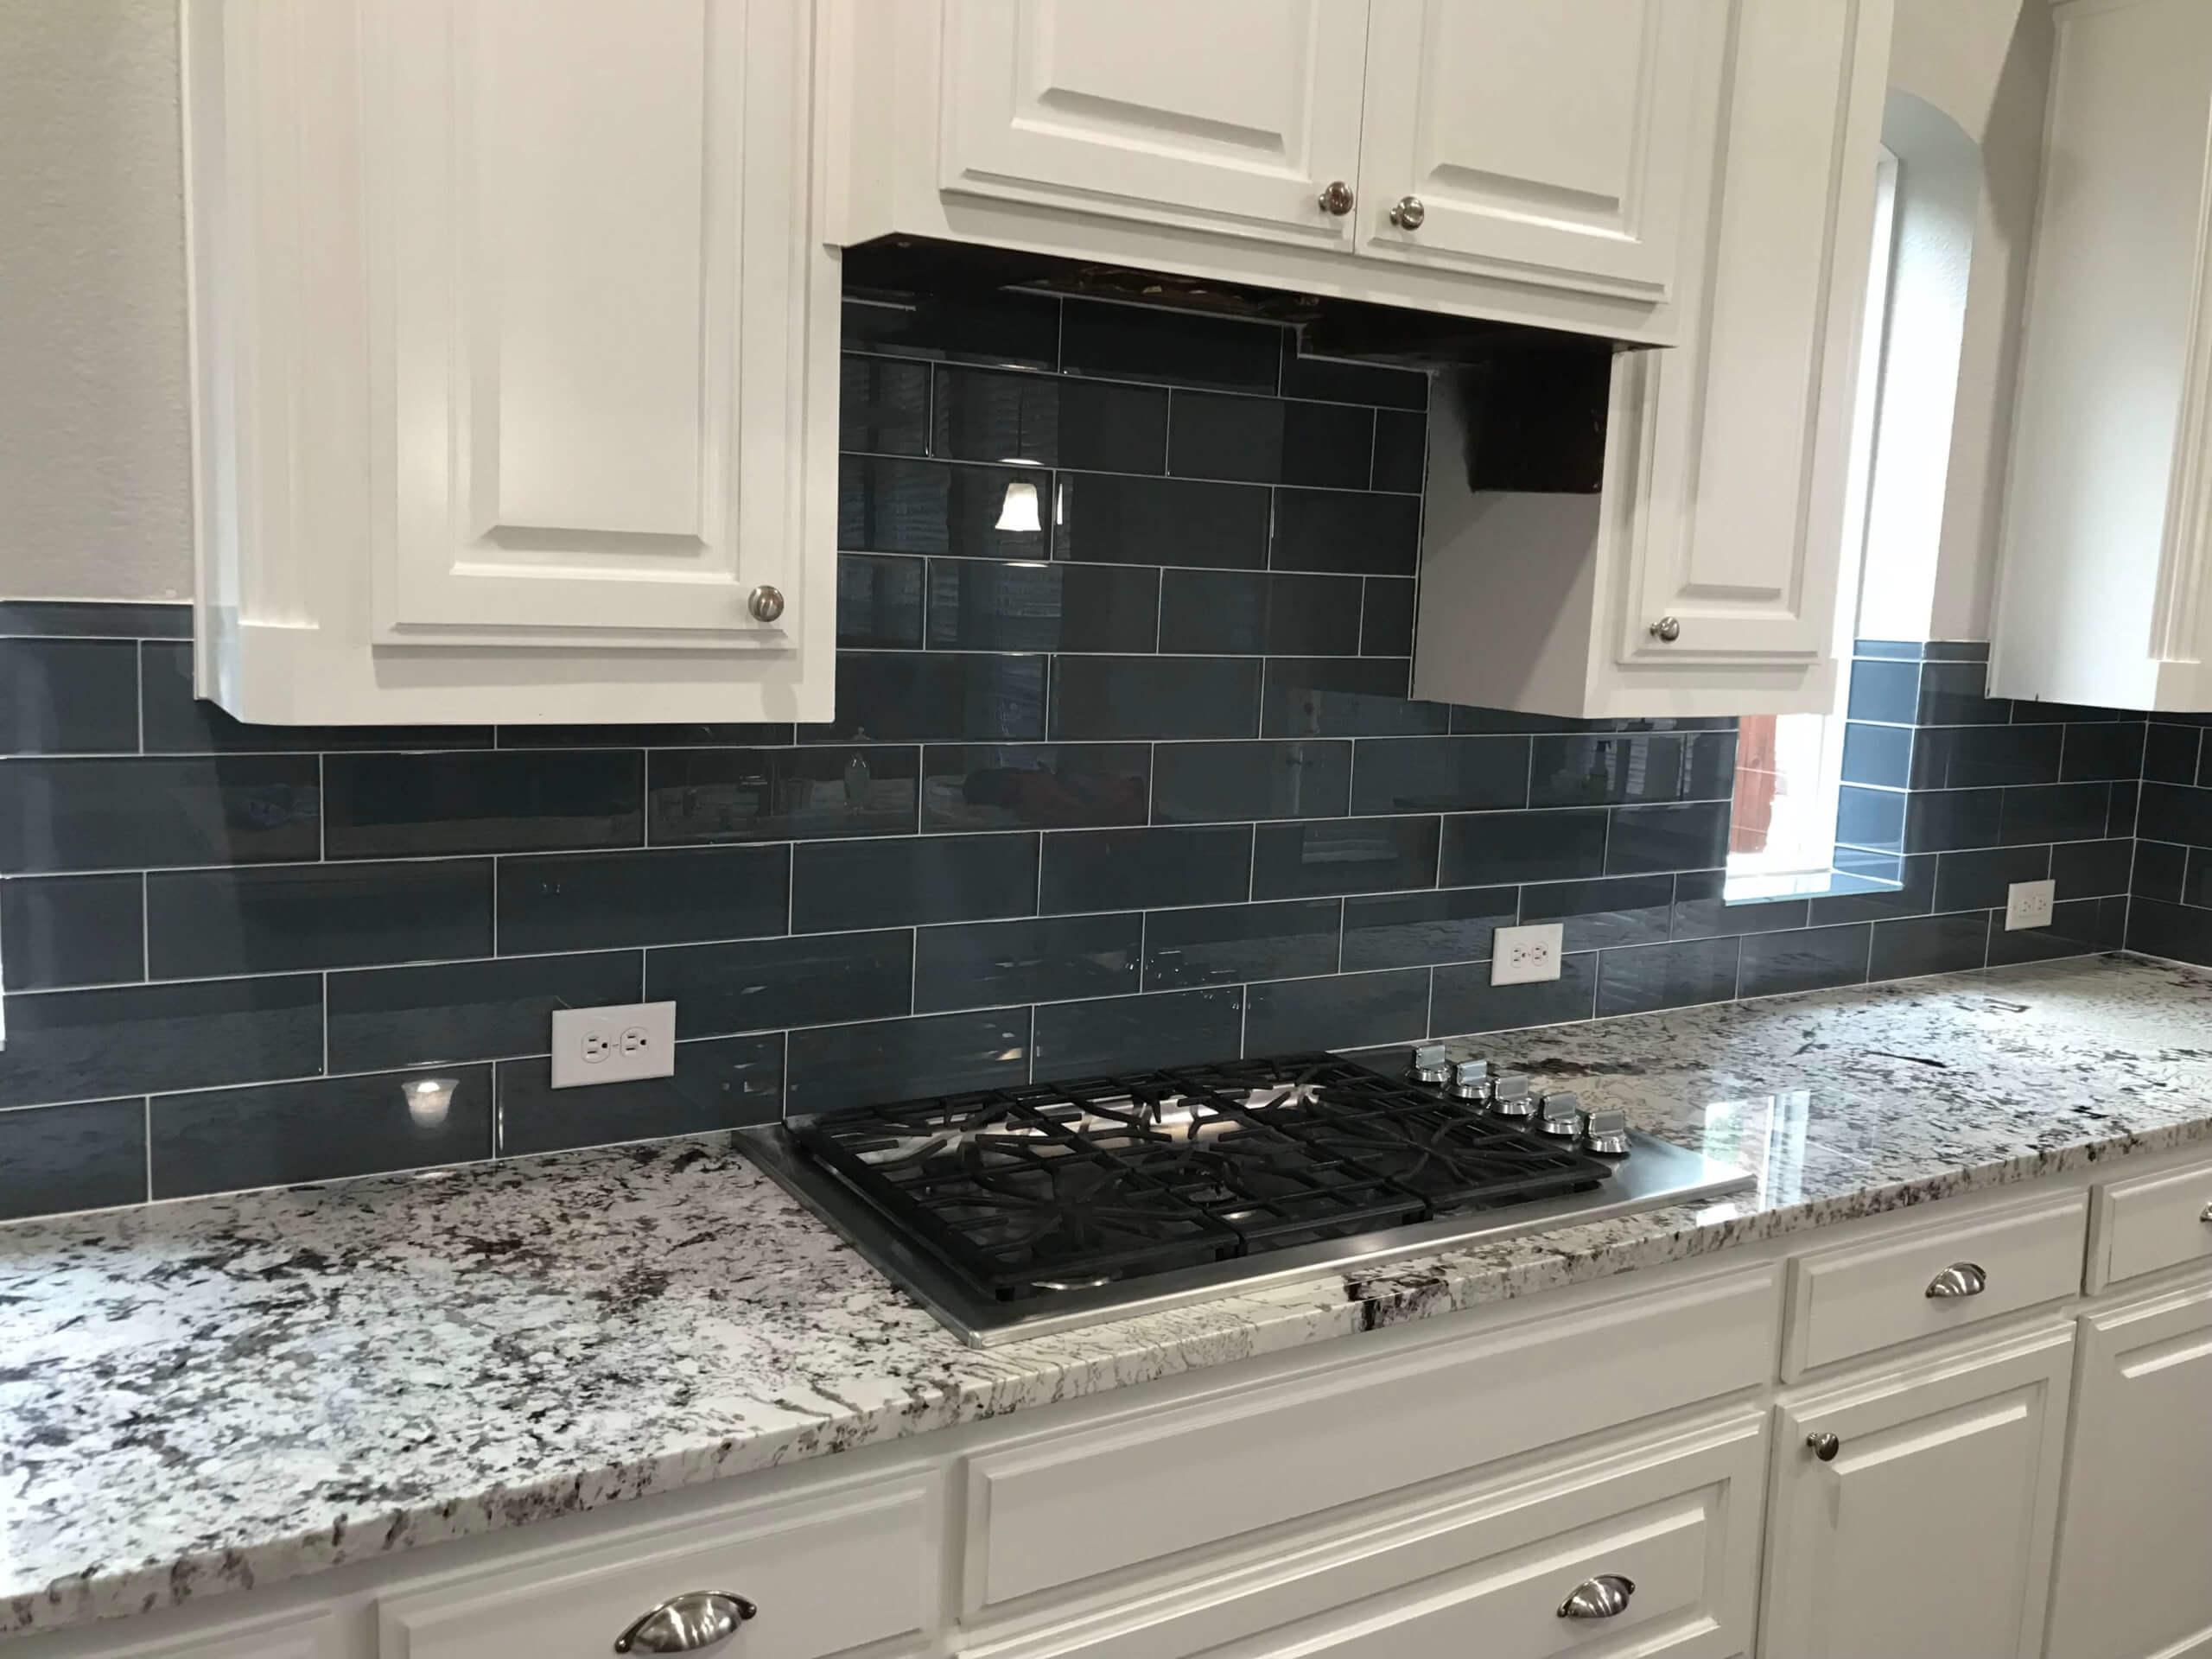 best tile for kitchen backsplash 2021